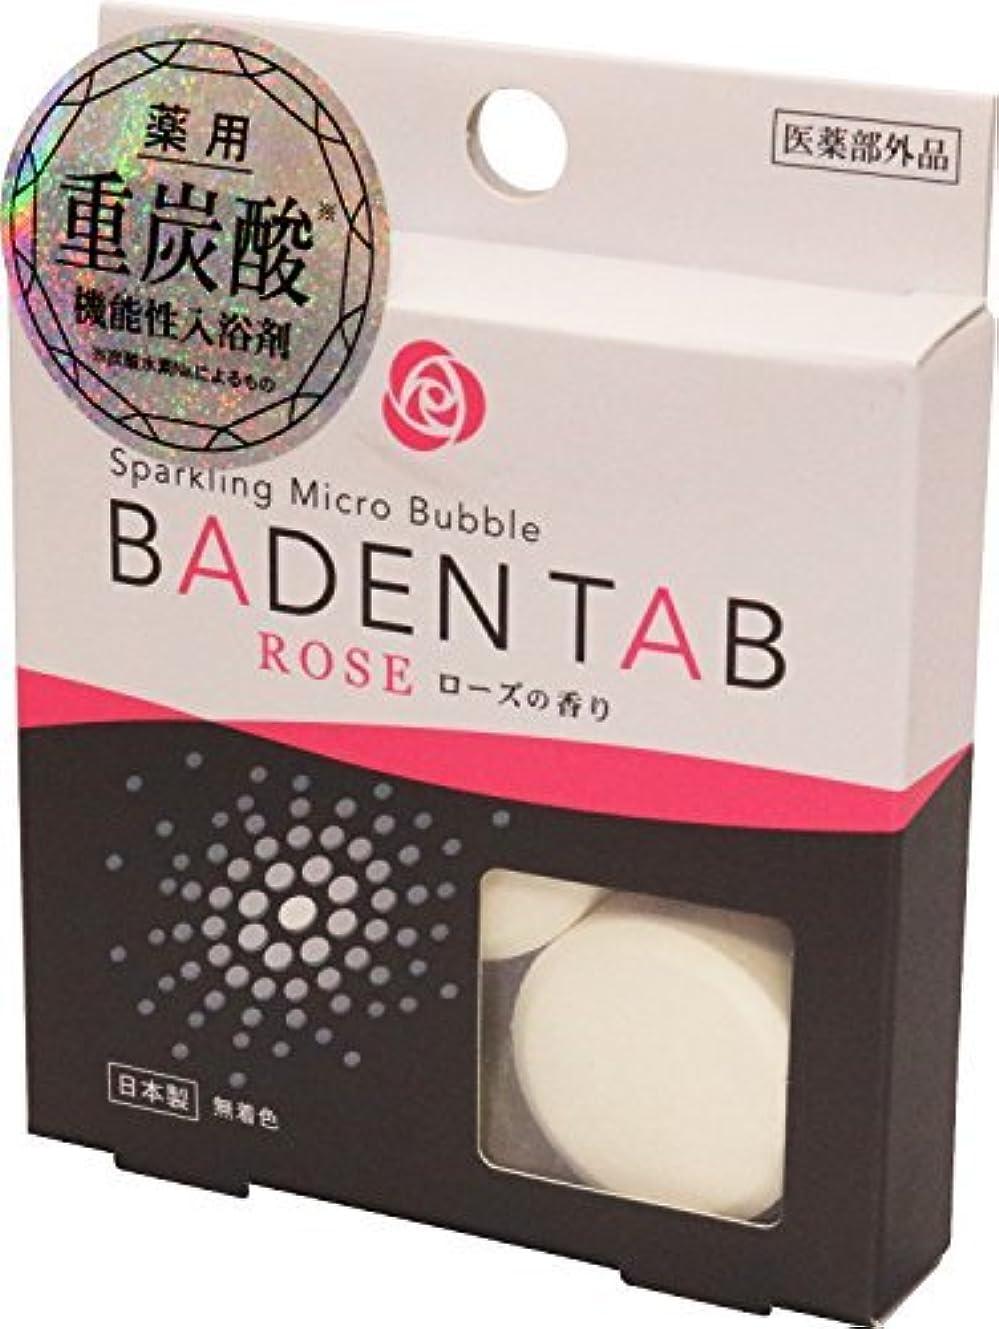 内訳エレメンタル融合日本製 made in japan 薬用BadenTabローズの香り5錠1パック15gx5錠入 BT-8754 【まとめ買い12個セット】